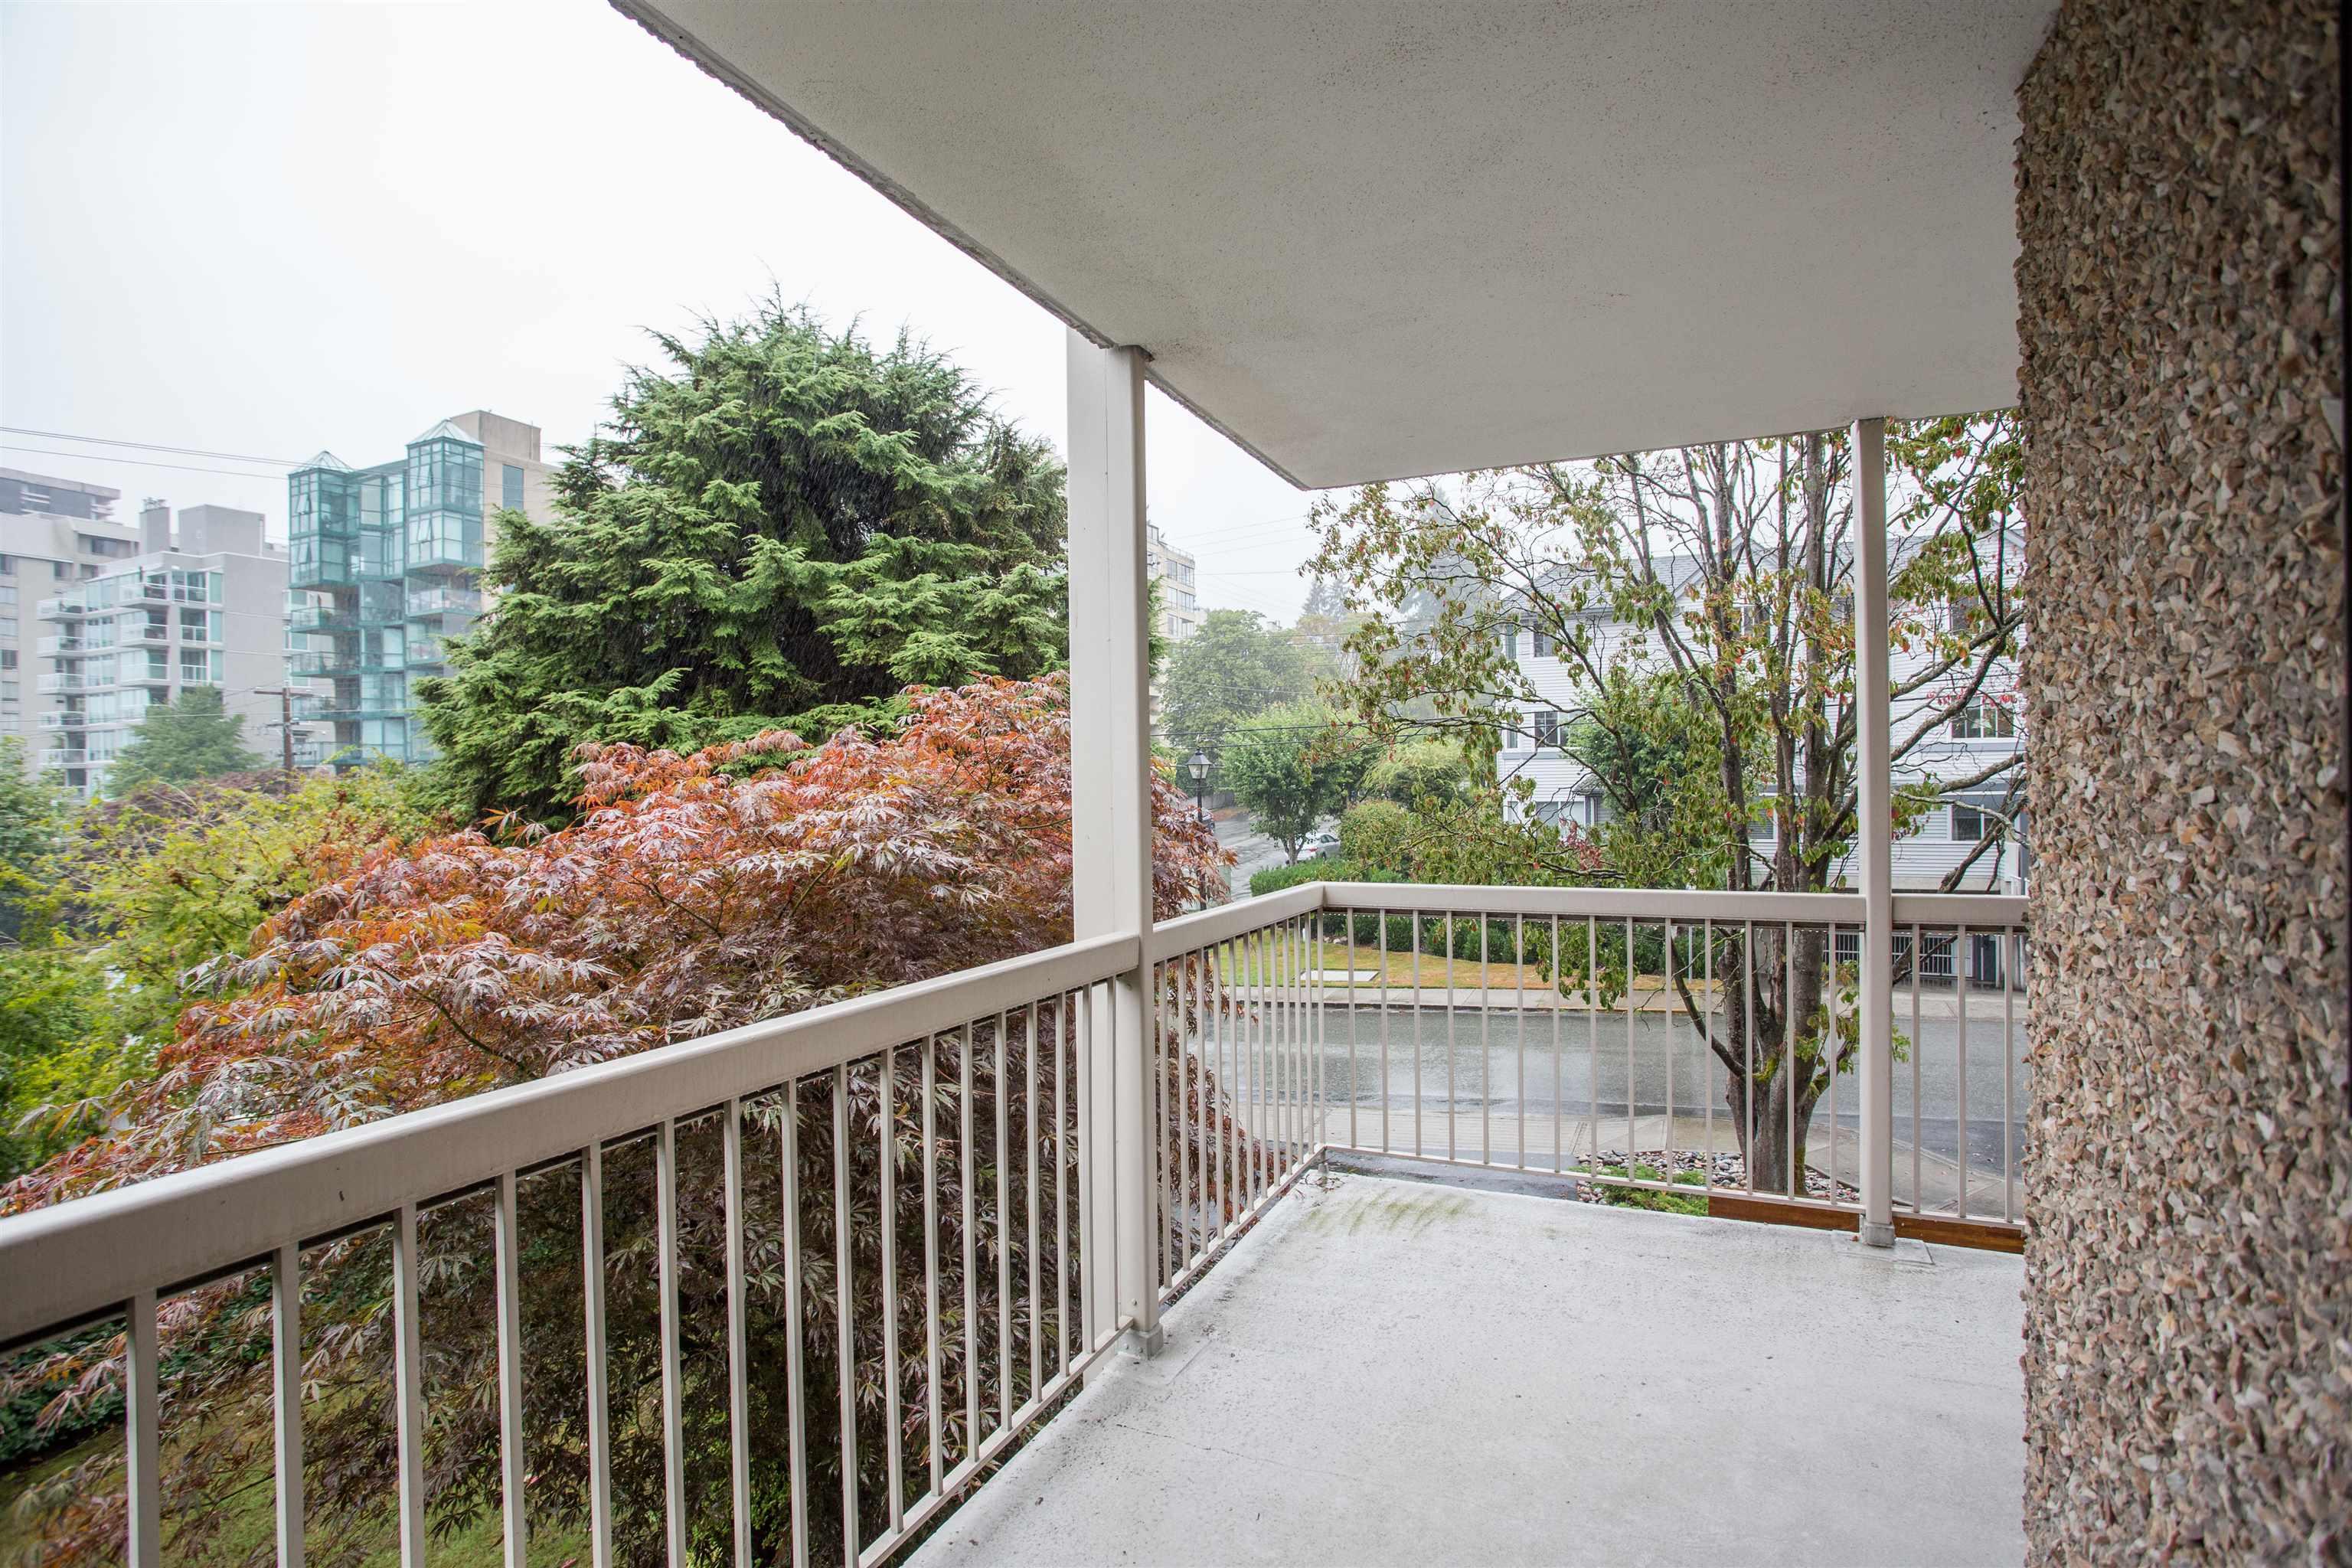 203 1390 DUCHESS AVENUE - Ambleside Apartment/Condo for sale, 1 Bedroom (R2611618) - #24